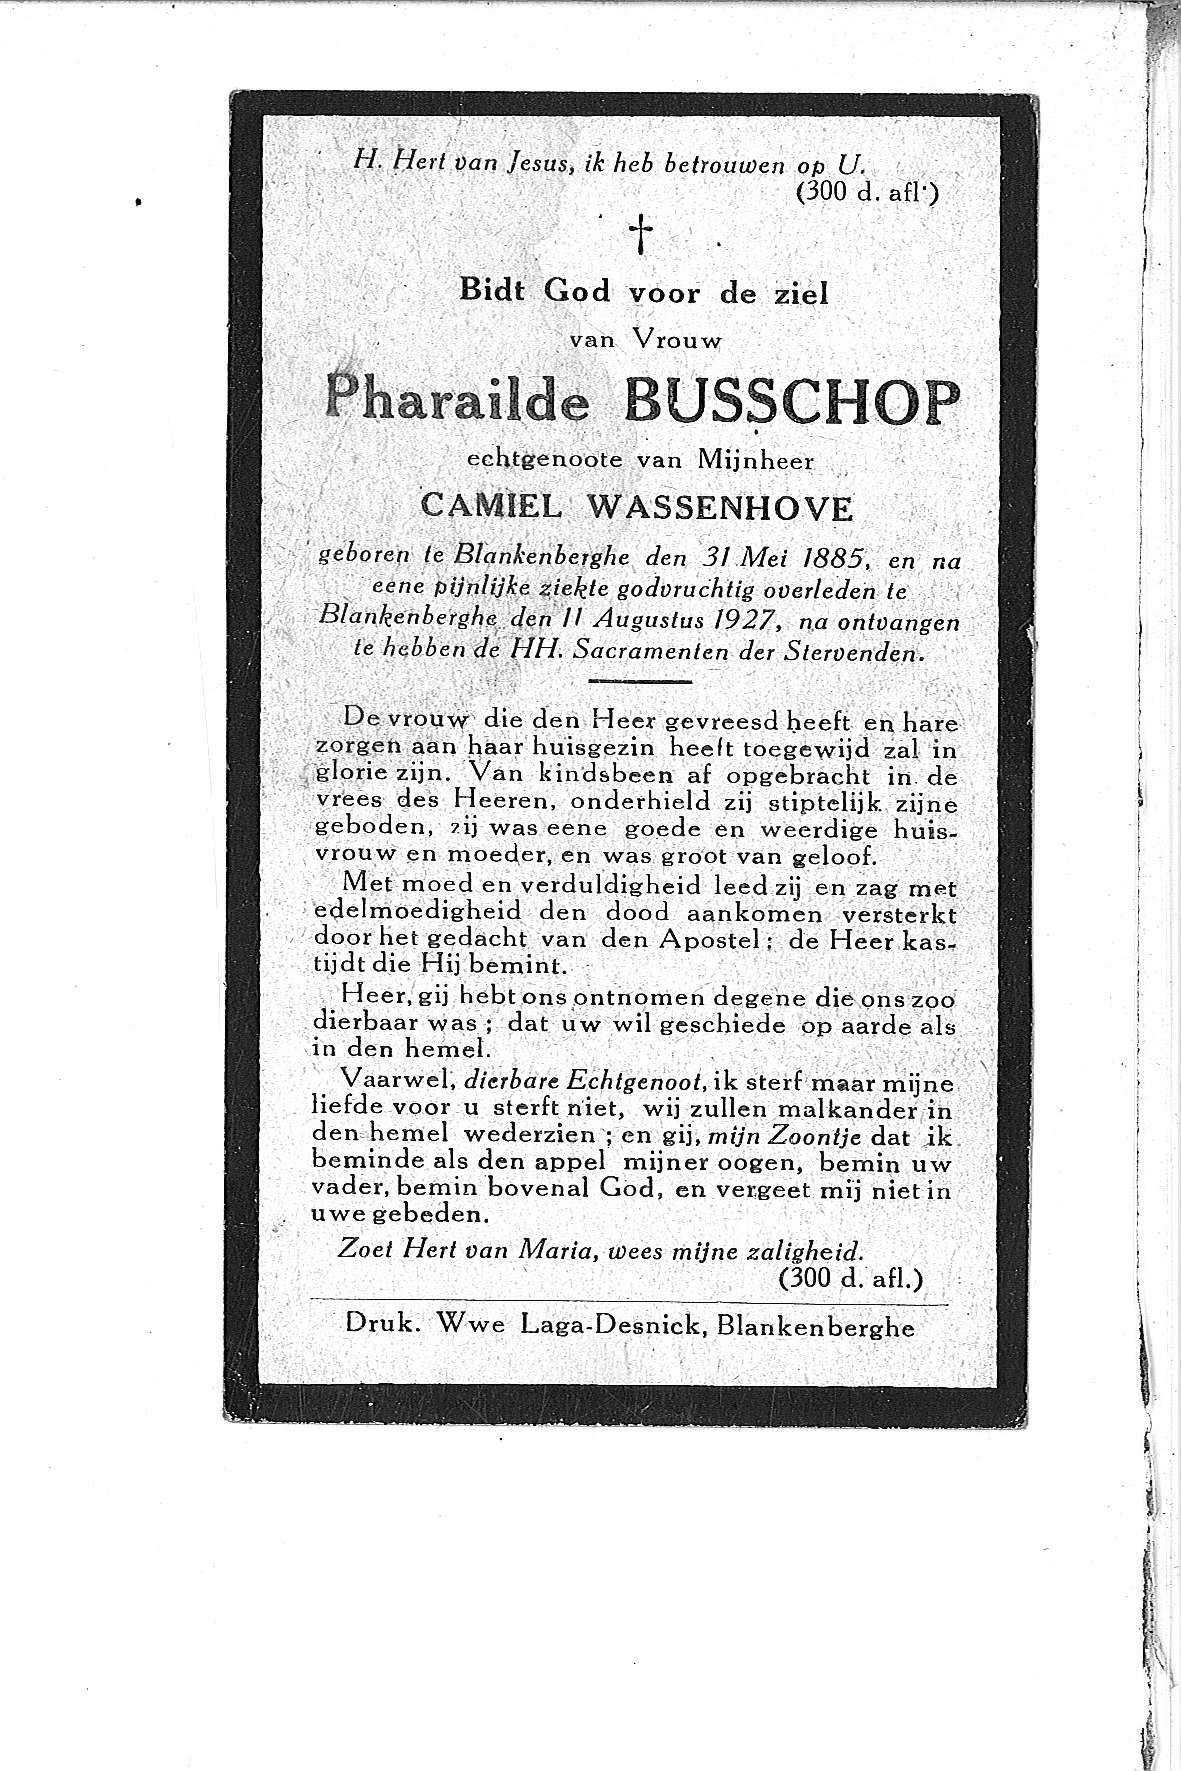 Pharailde (1927) 20110905101454_00023.jpg